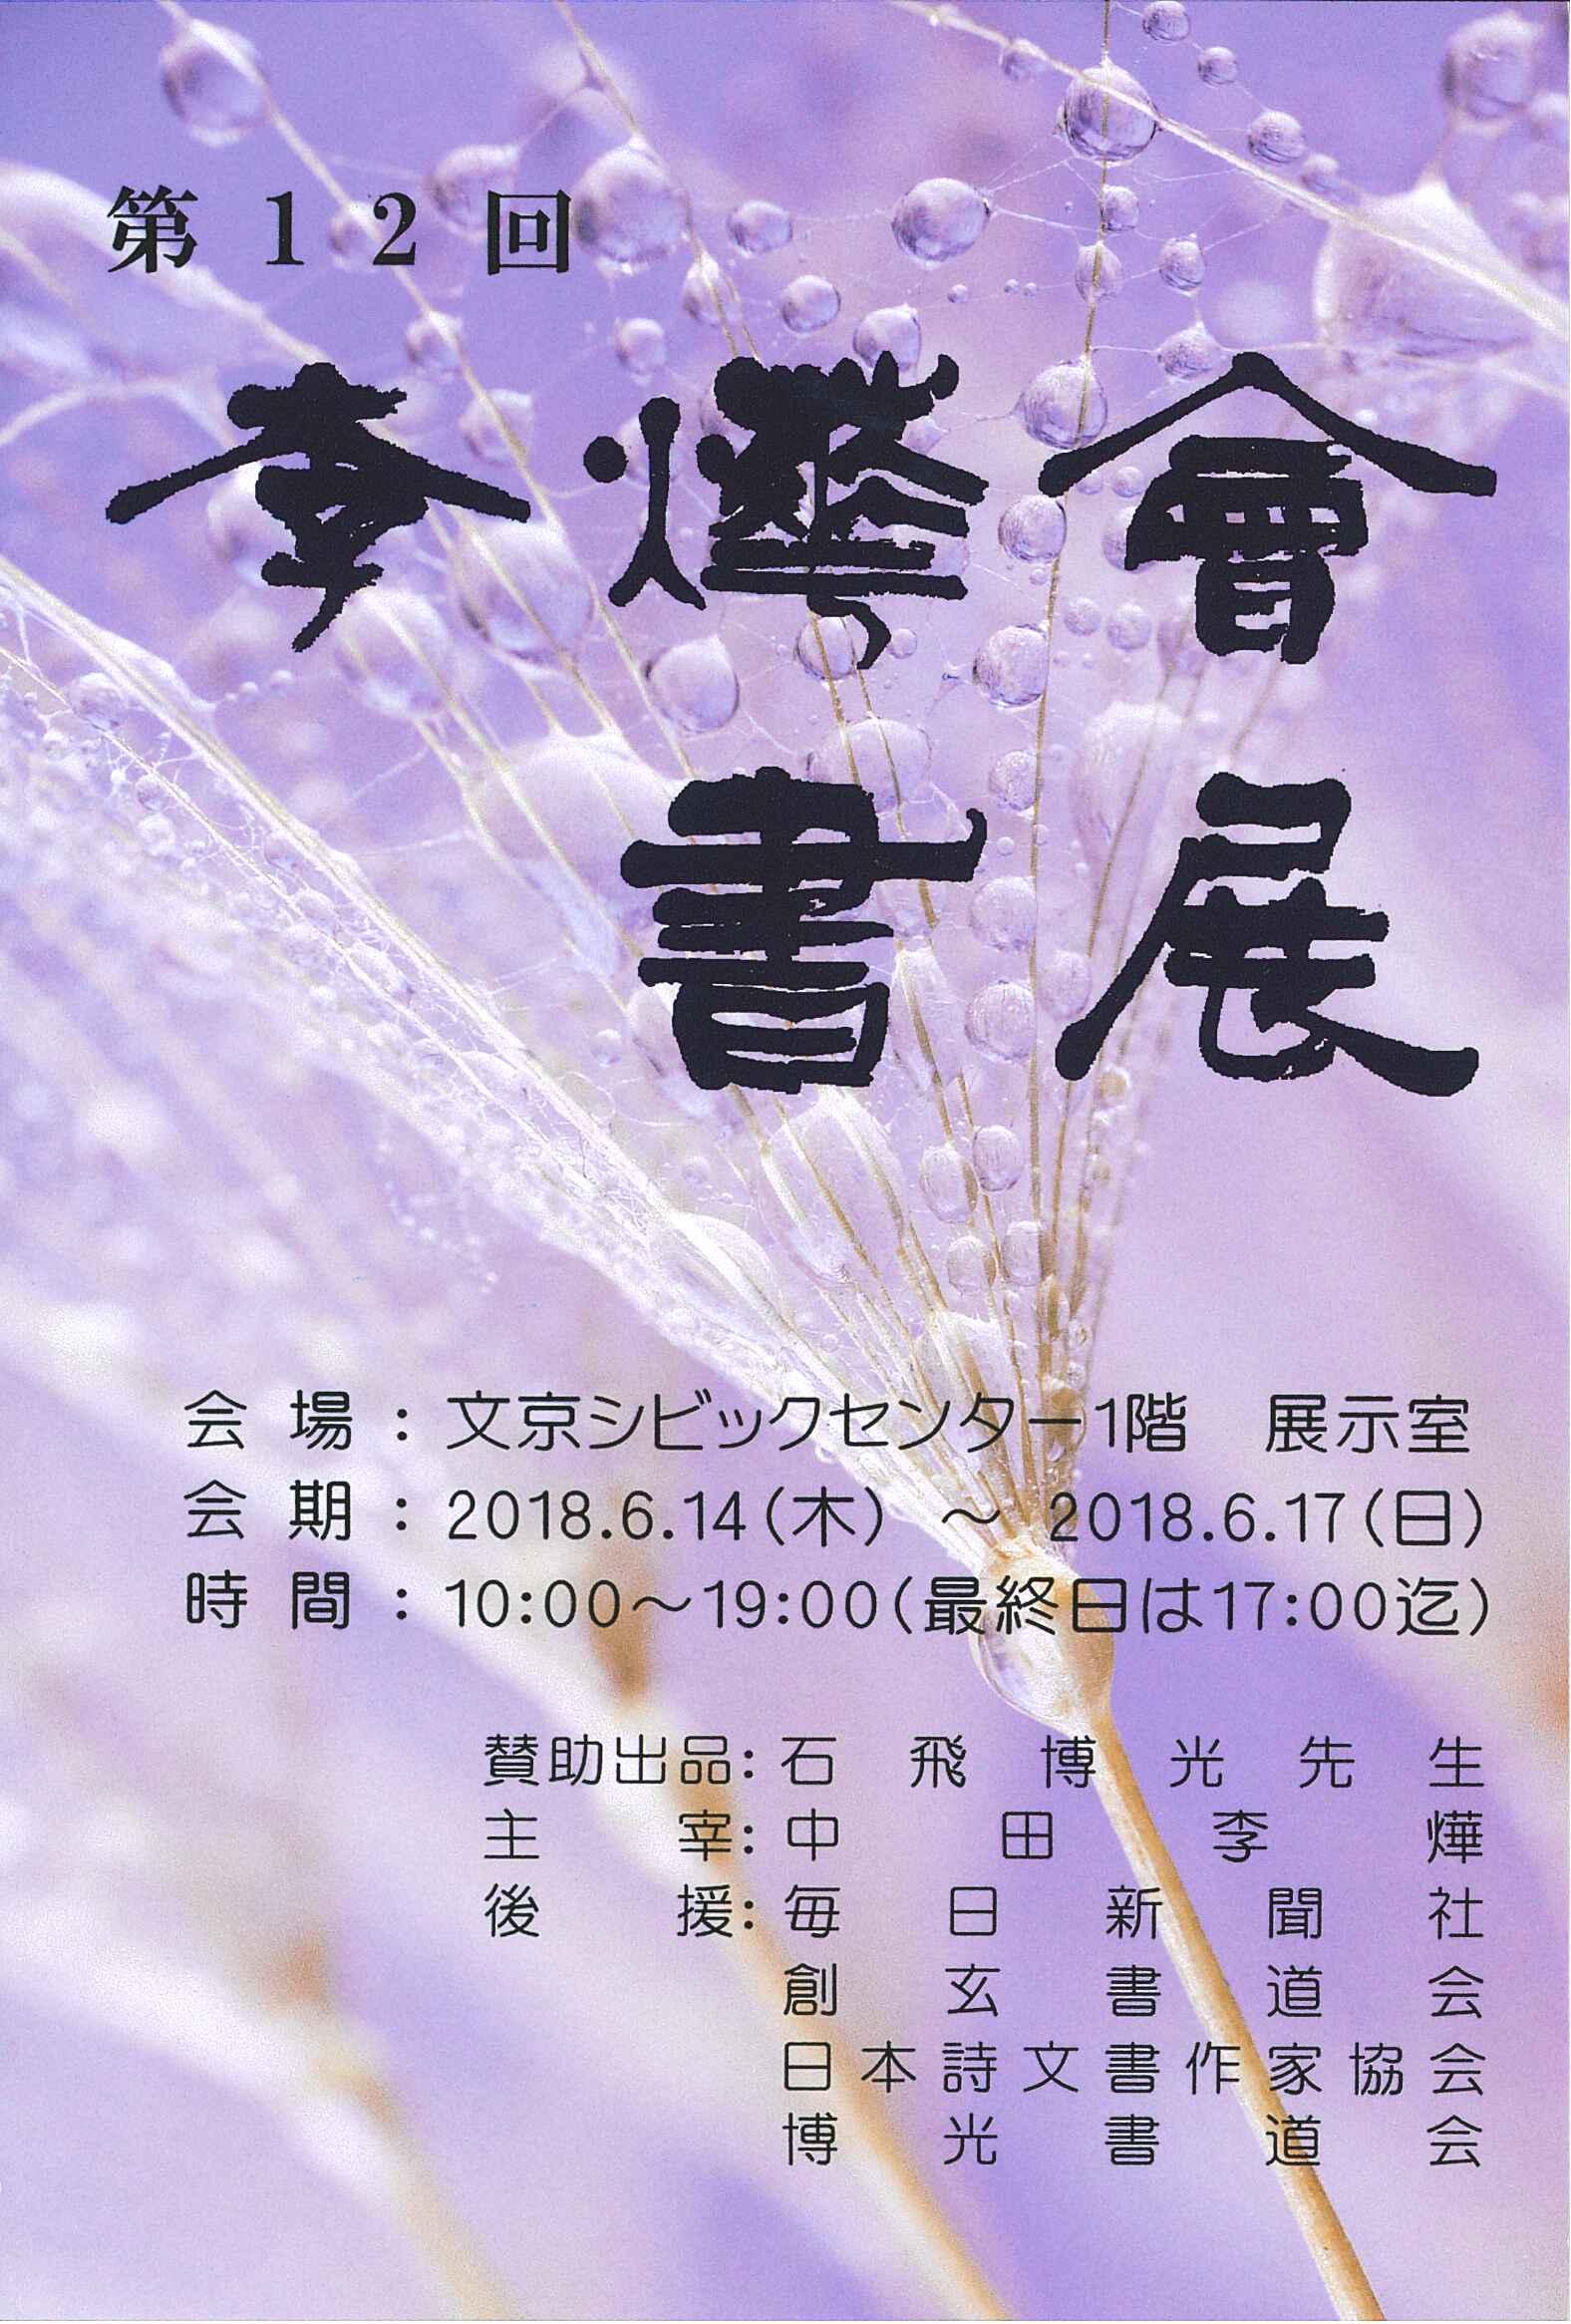 http://www.sogen.or.jp/letter/2018/05/16/20180516202102508_0002.jpg